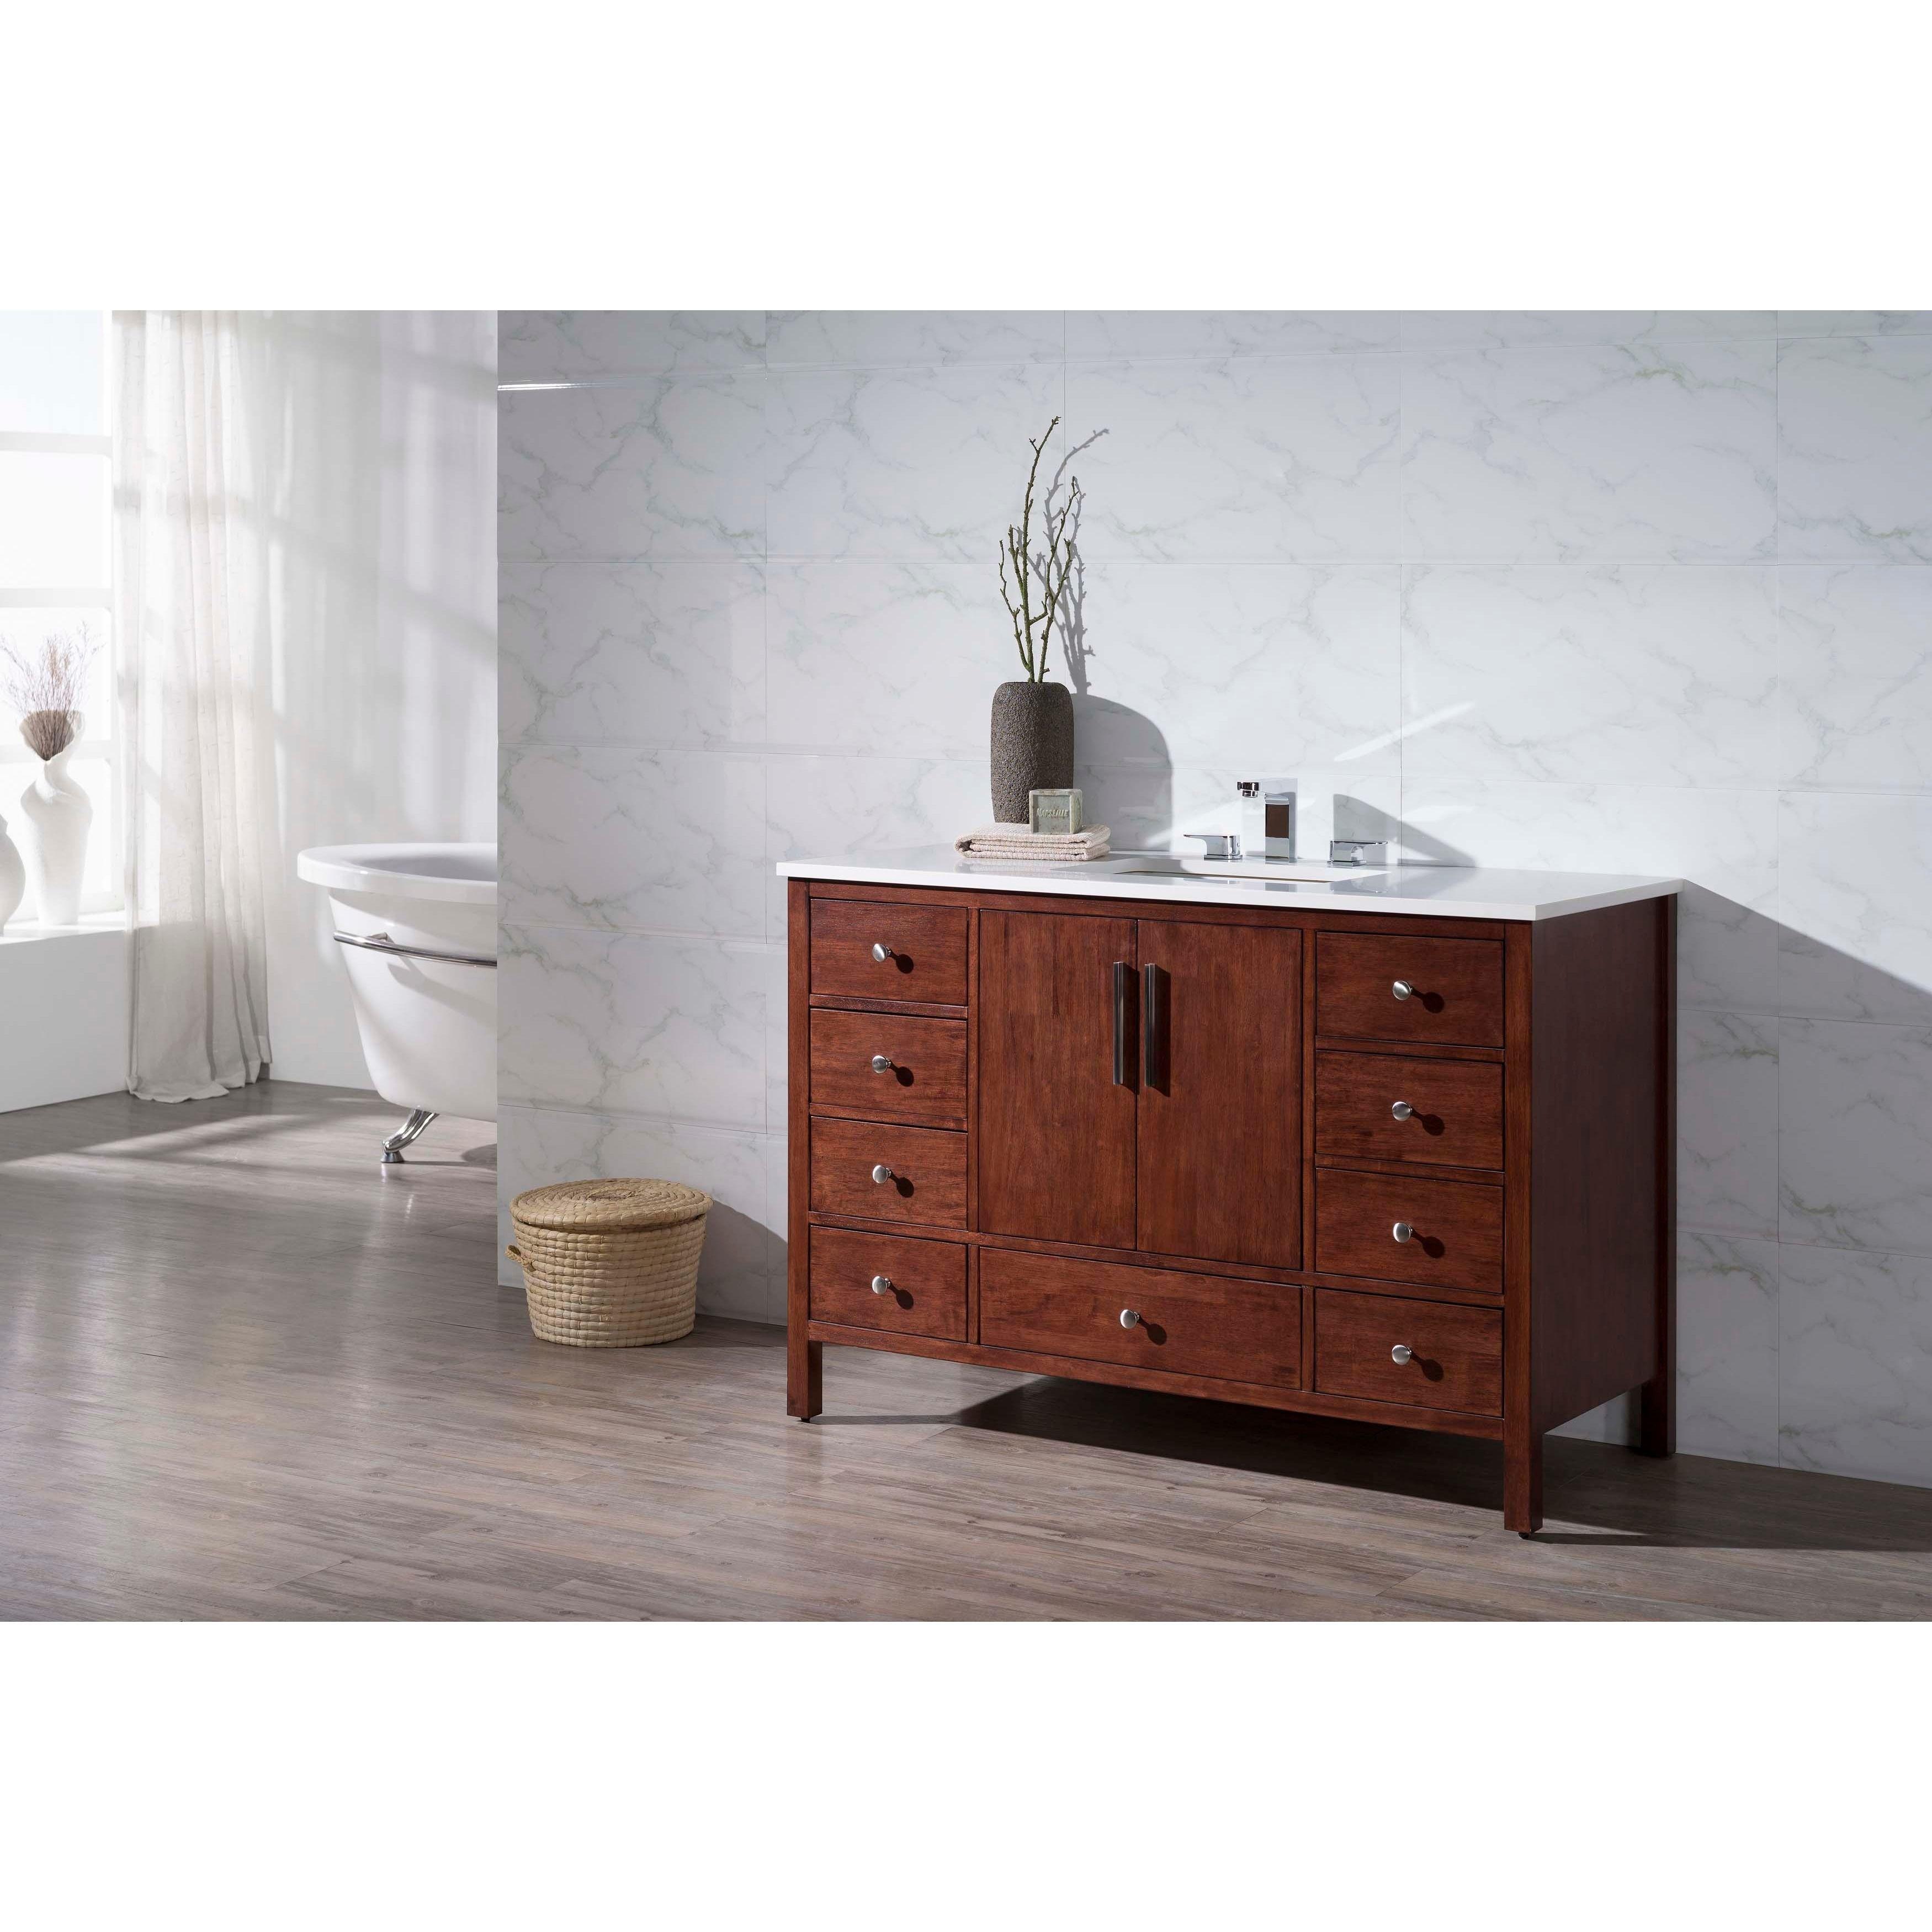 Image Of Stufurhome Rockford Inch Single Sink Bathroom Vanity